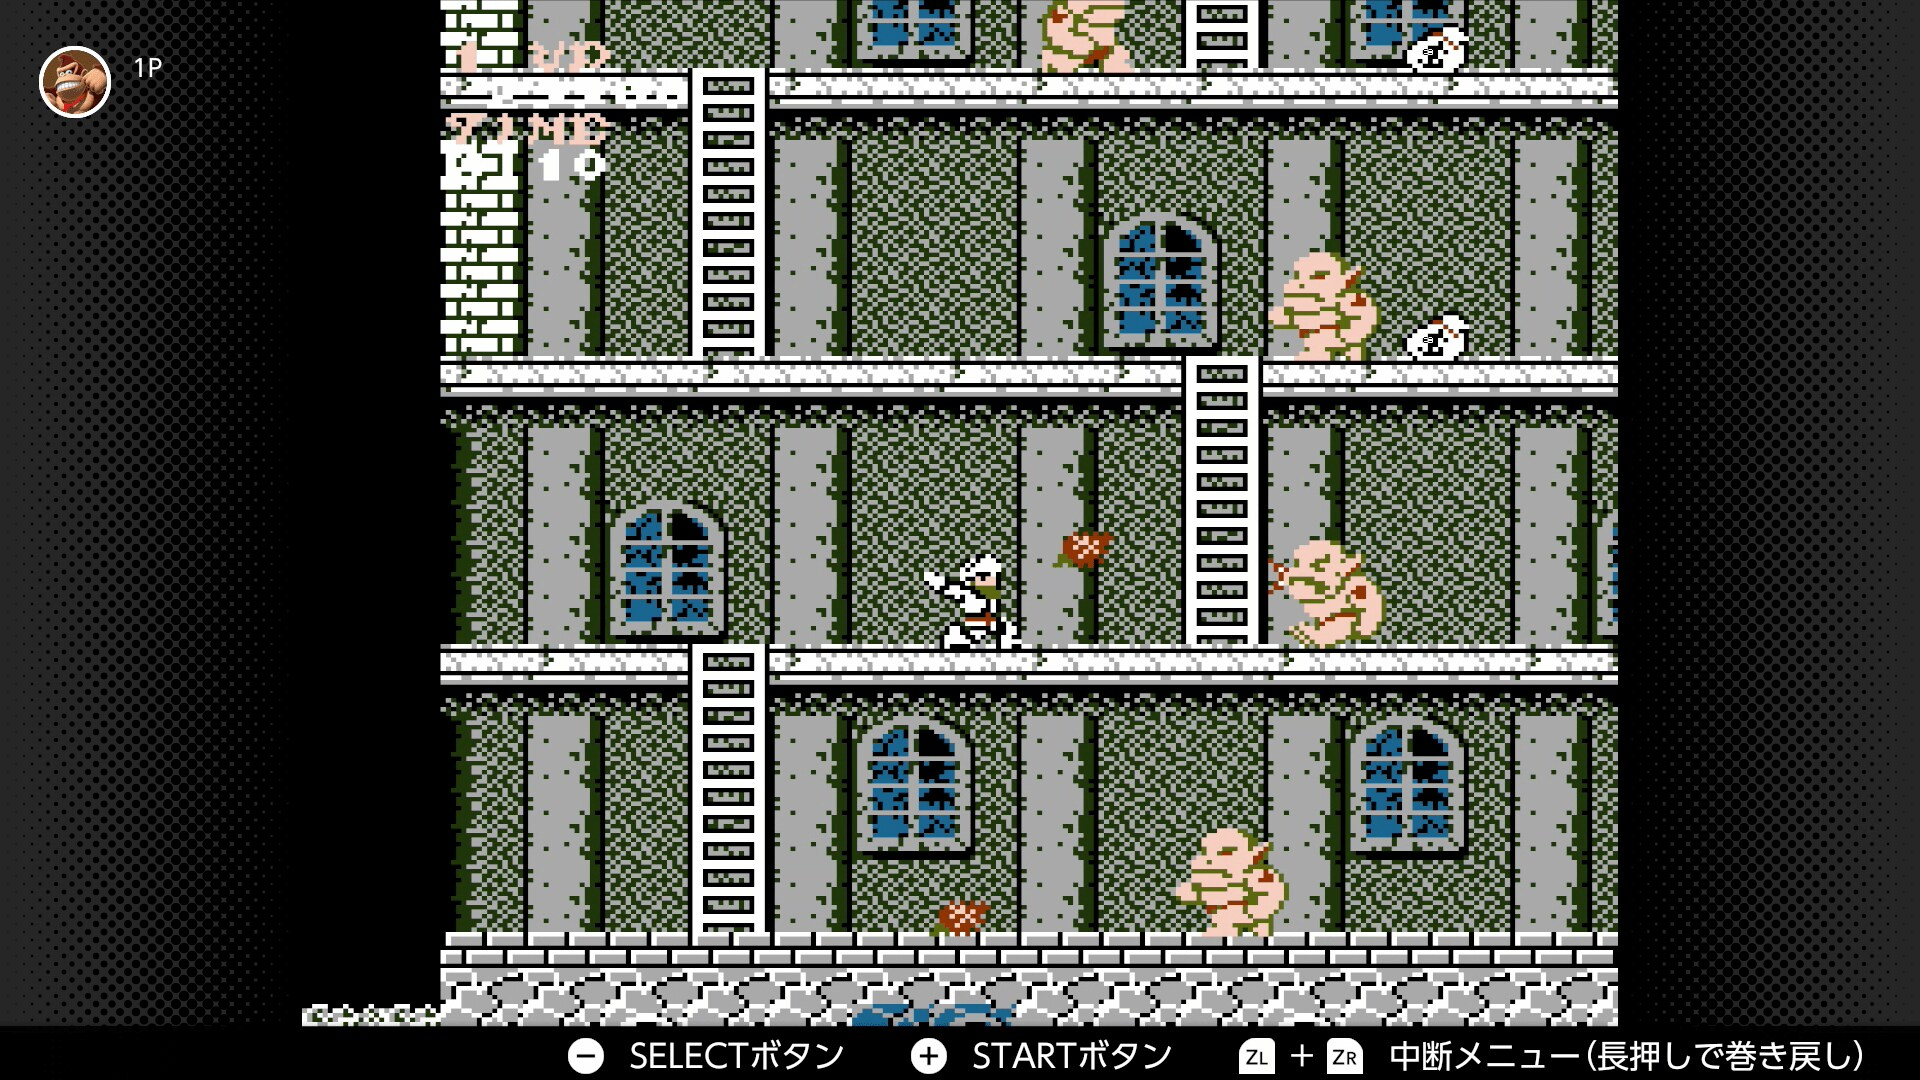 ファミコン版『魔界村』って本当に難しい?「ファミコンを知らぬ世代」がカプコンによる伝説の激ムズゲームに挑戦の画像008